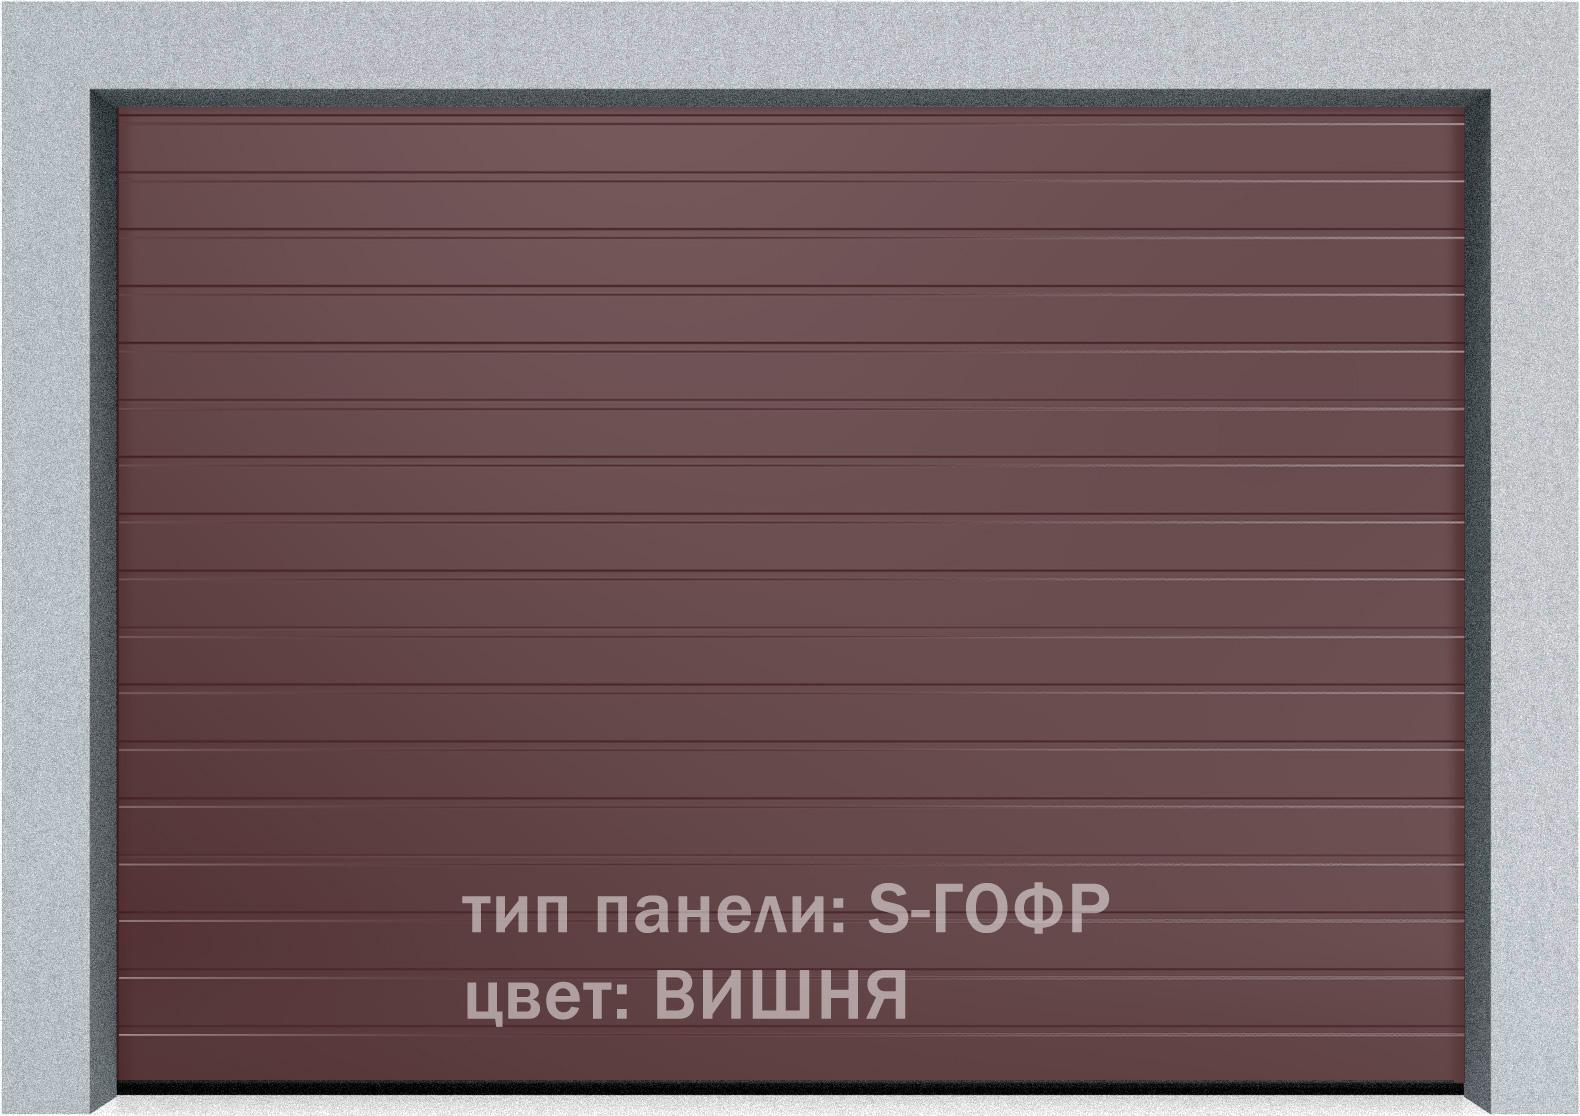 Секционные гаражные ворота Alutech Prestige 6000х3250 S-гофр, M-гофр, L-гофр цвета под дерево, торсионные пружины, фото 3